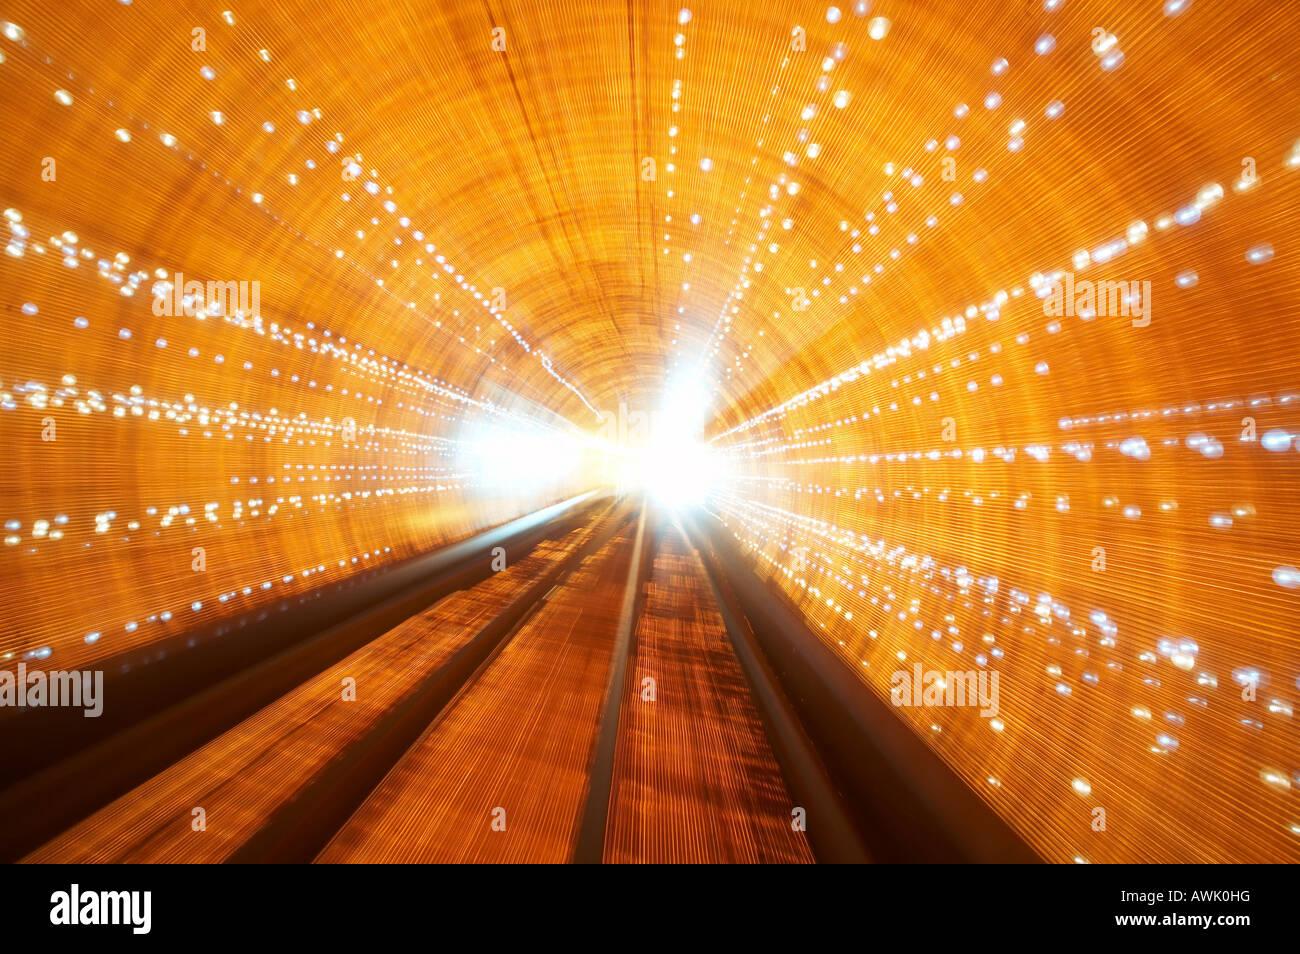 La colorida Bund Sightseeing tren del túnel bajo el río Huang Pu conecta Puxi y distritos de Pudong en Imagen De Stock